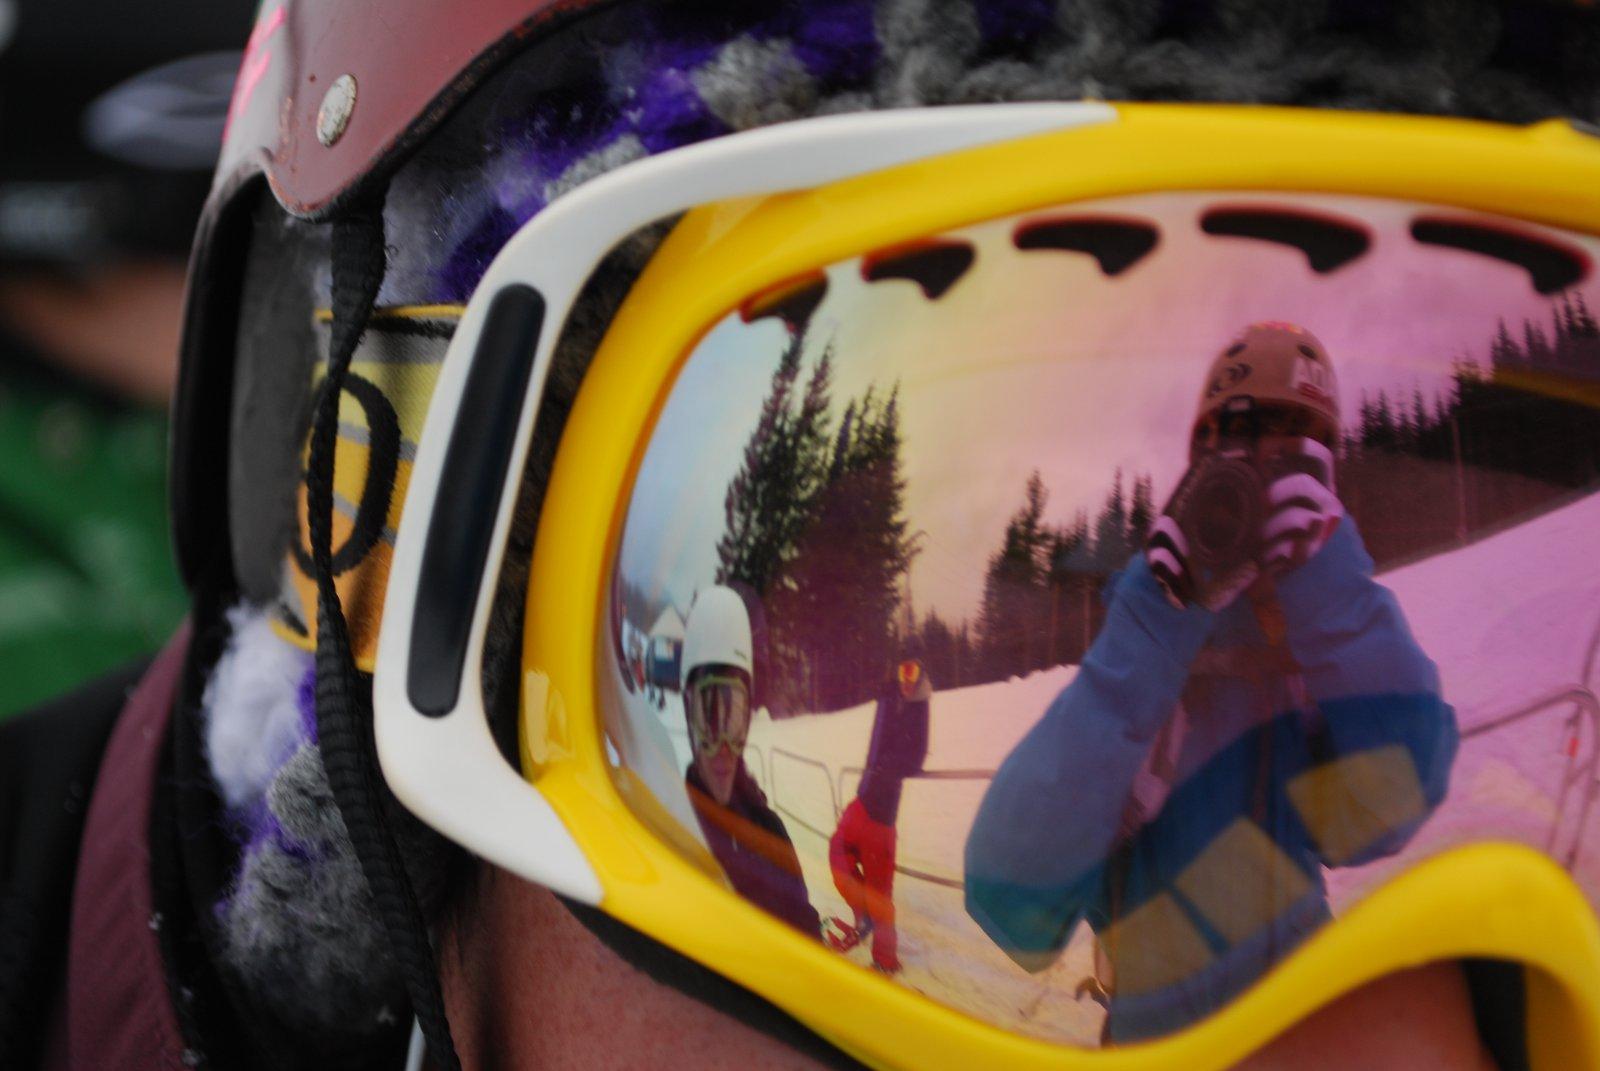 Through Shiros Goggles